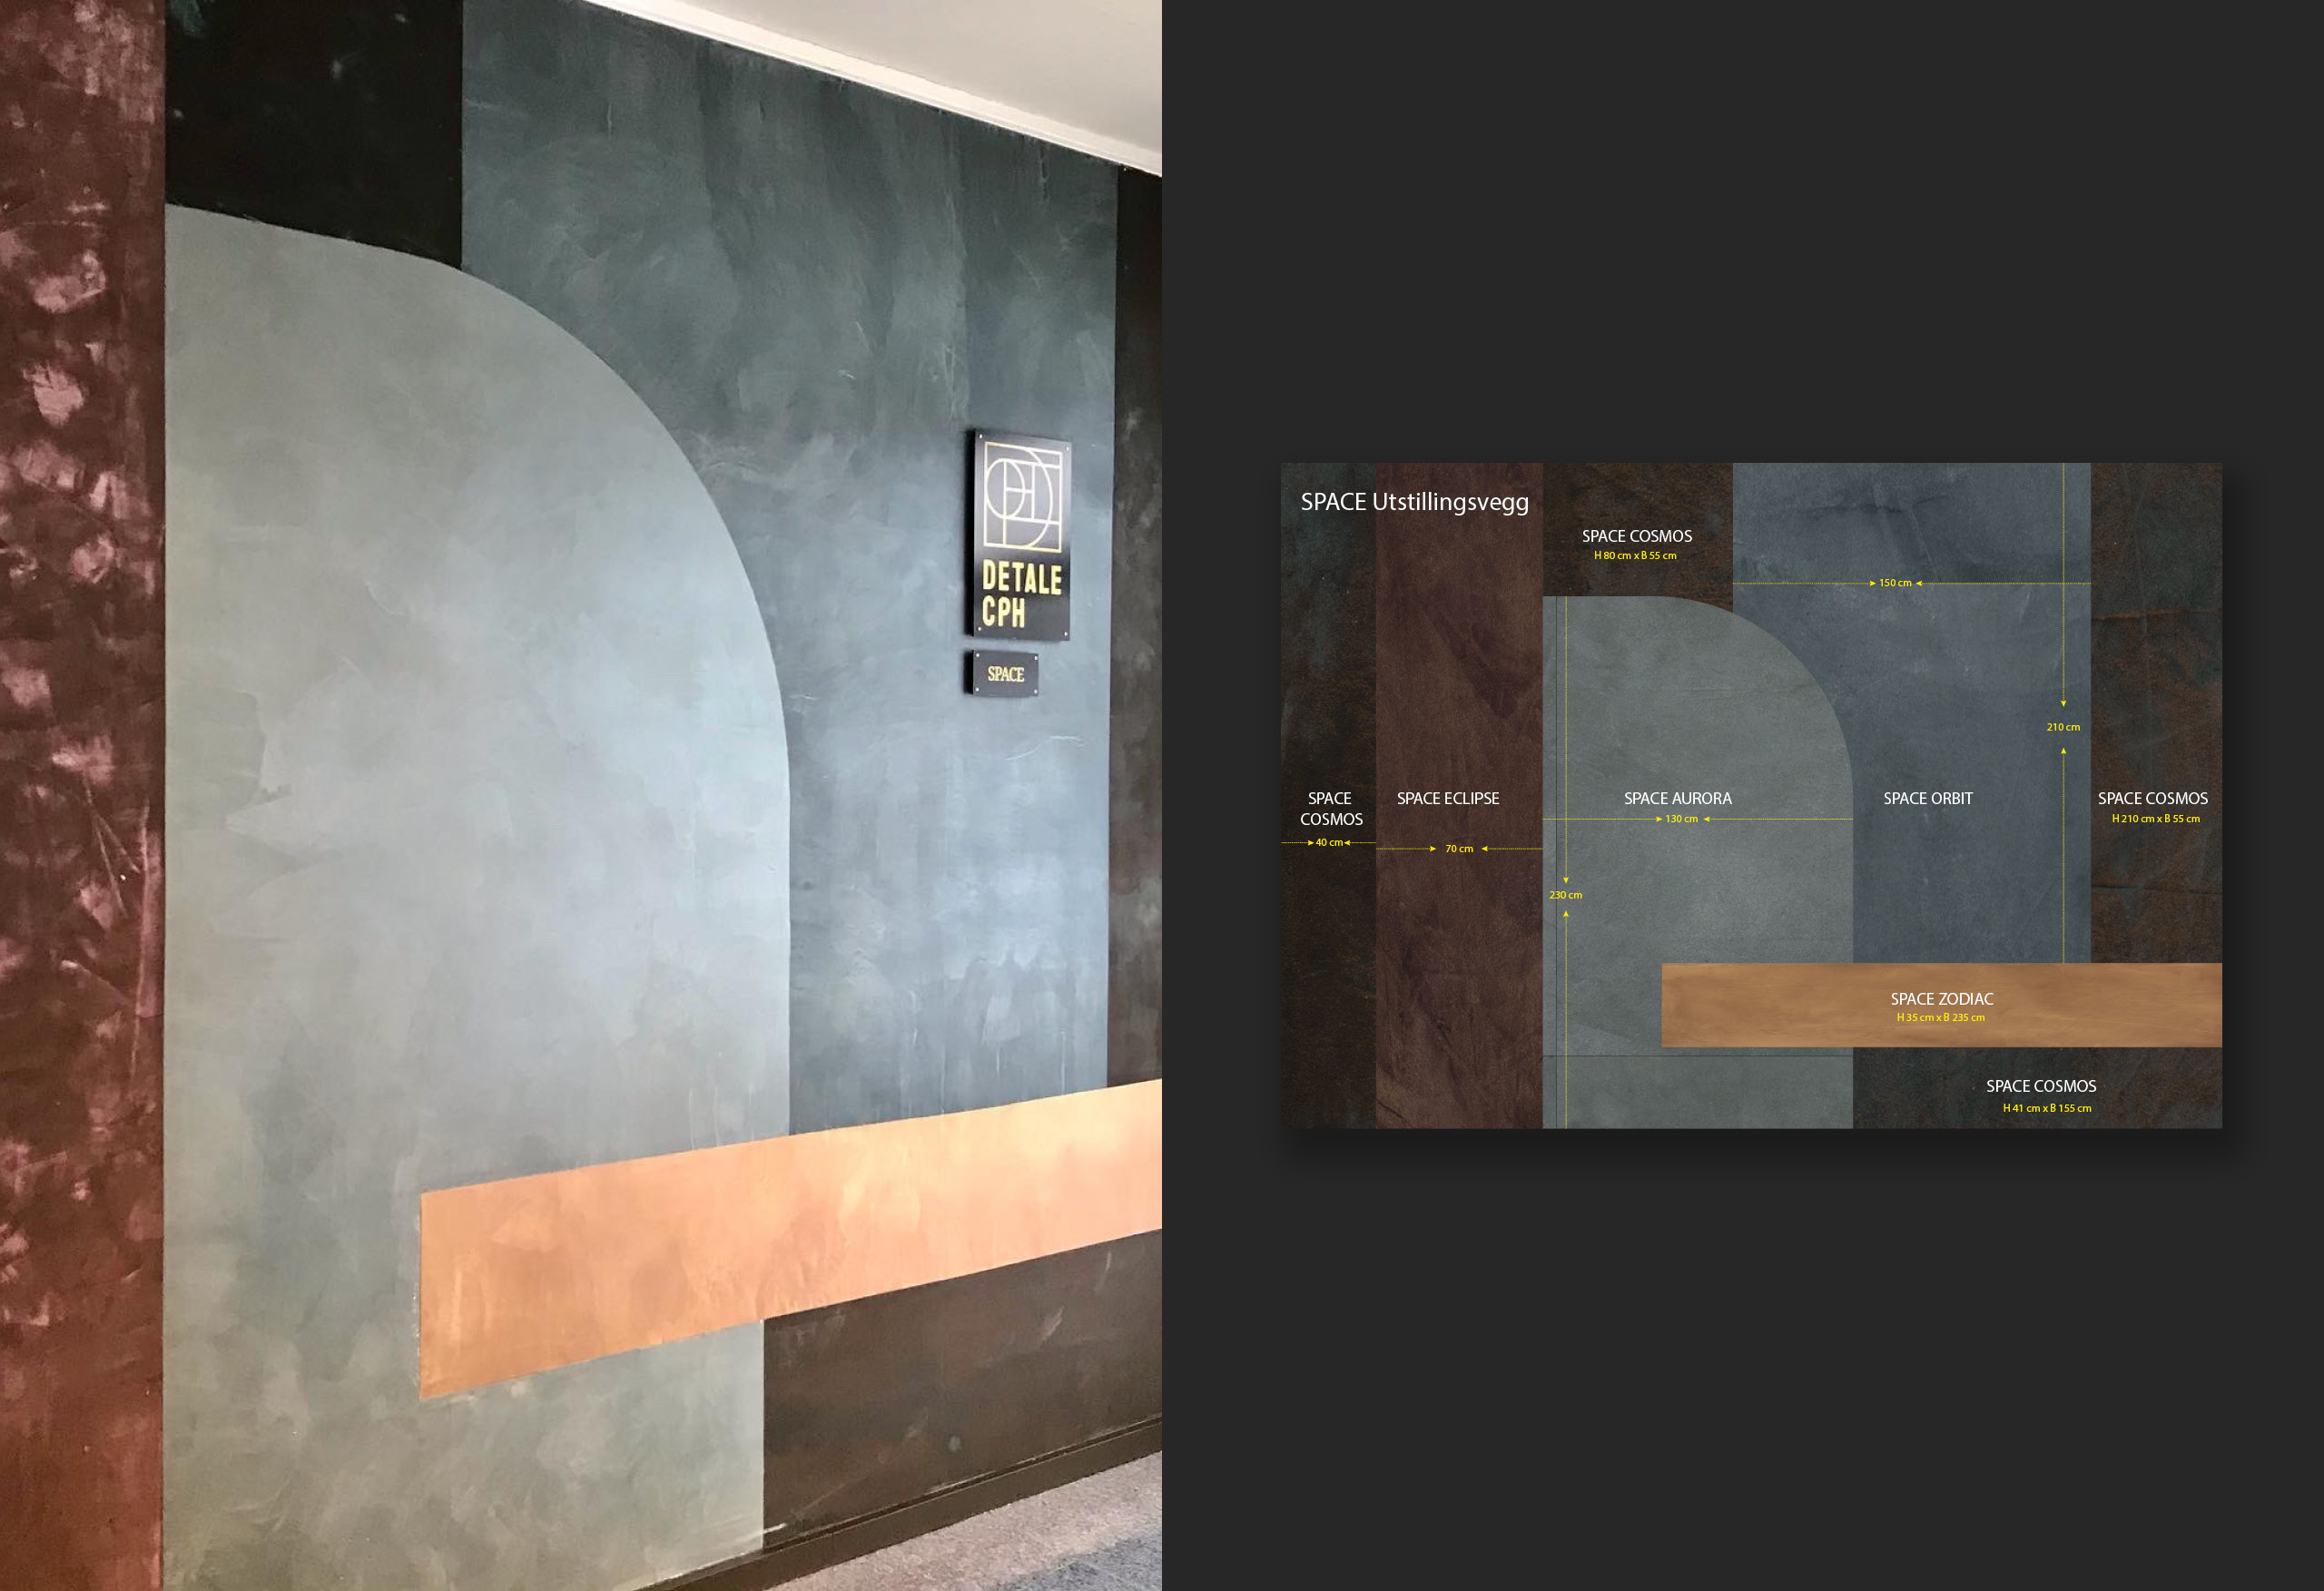 Flügger farve Råholt - malt vegg med Detale